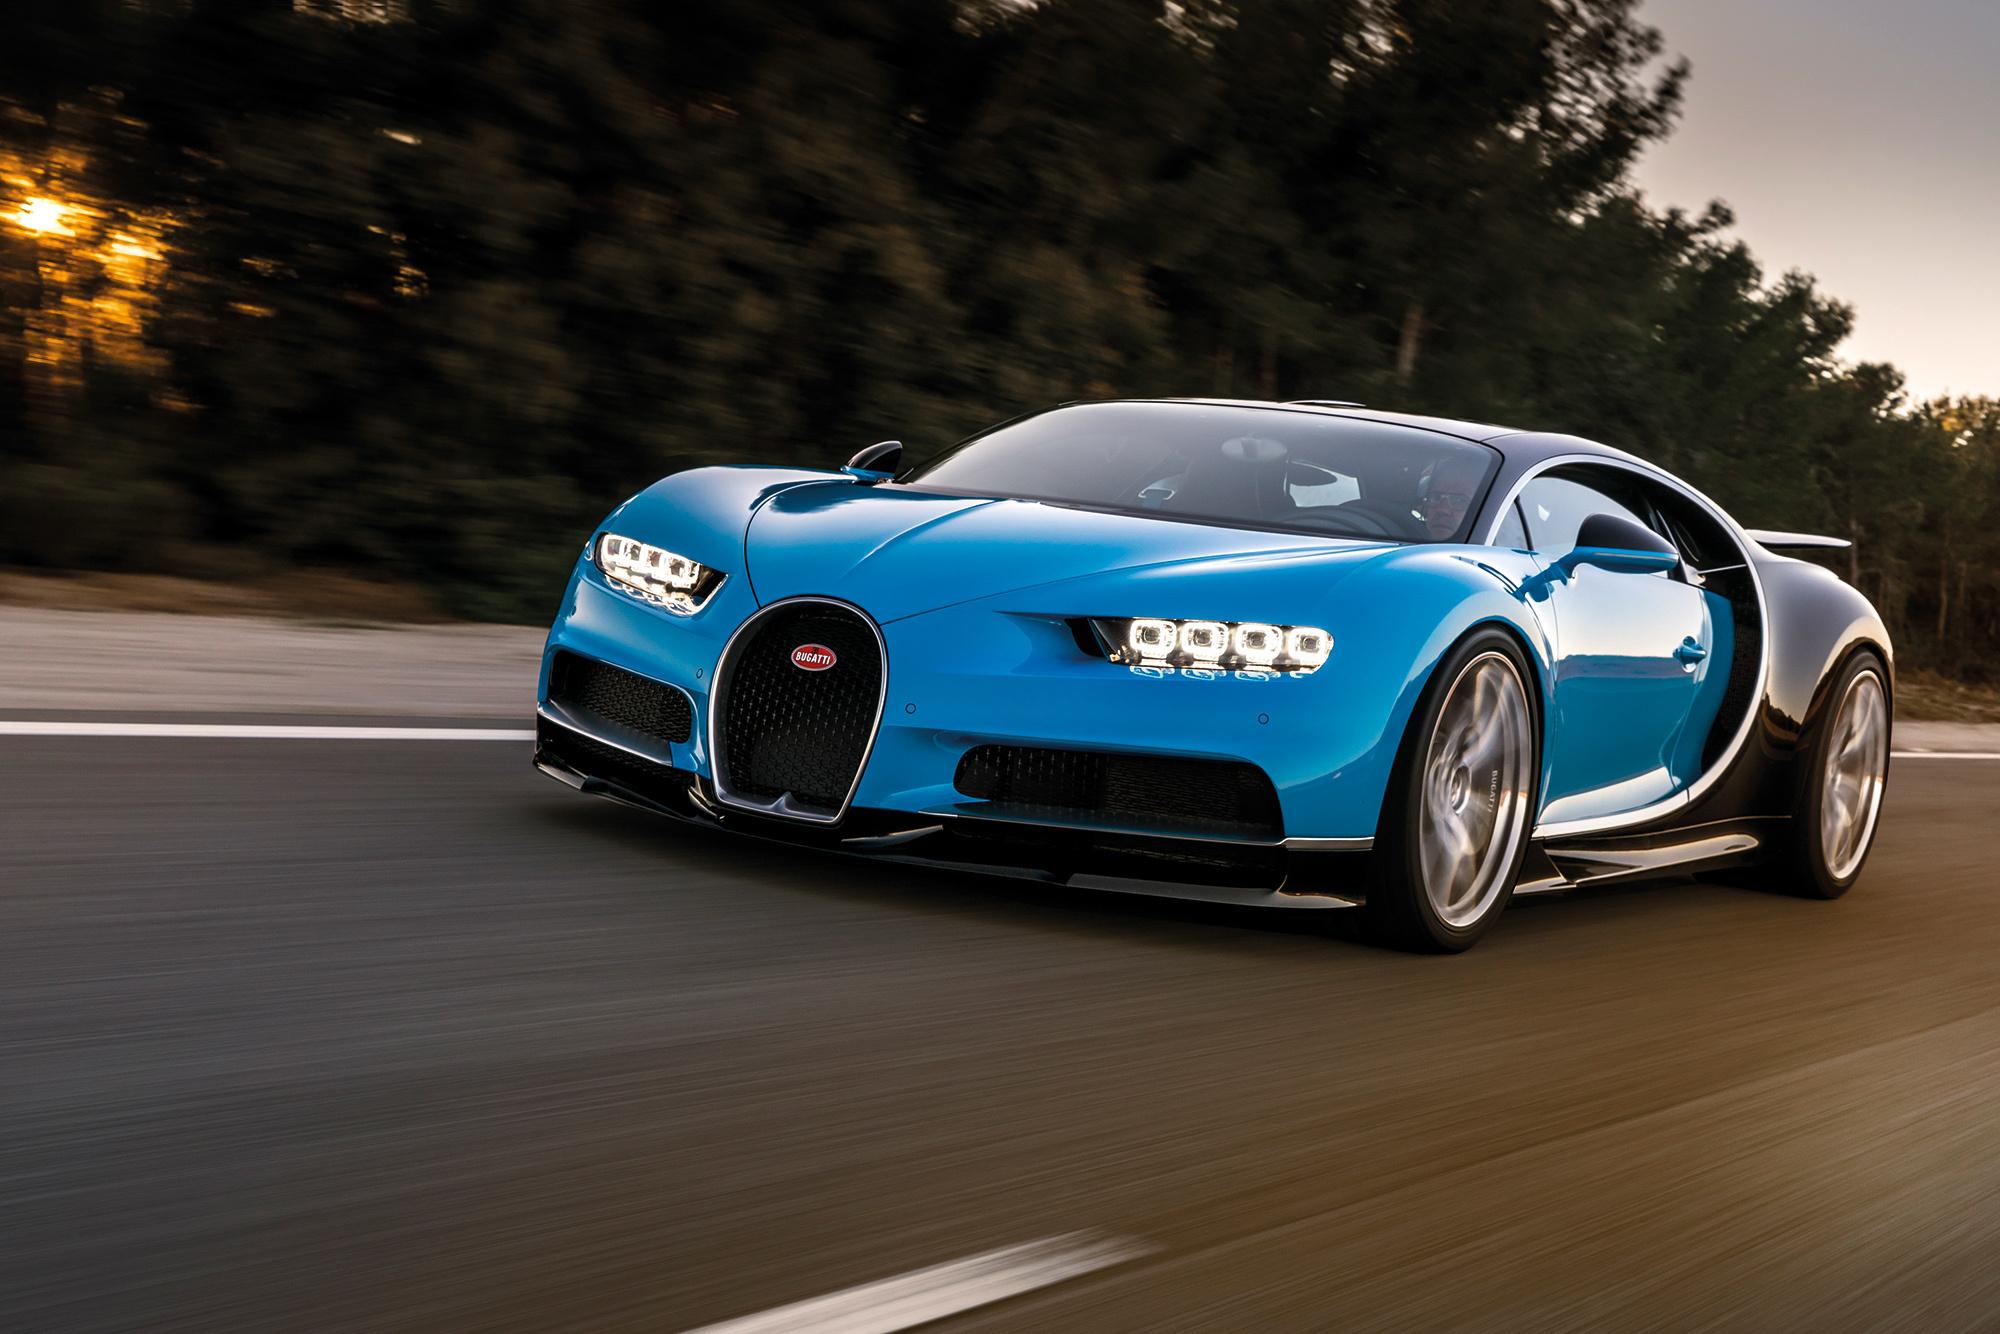 بالصور تحميل صور سيارات , اجمل صور للسيارات لعام 2019 5815 12